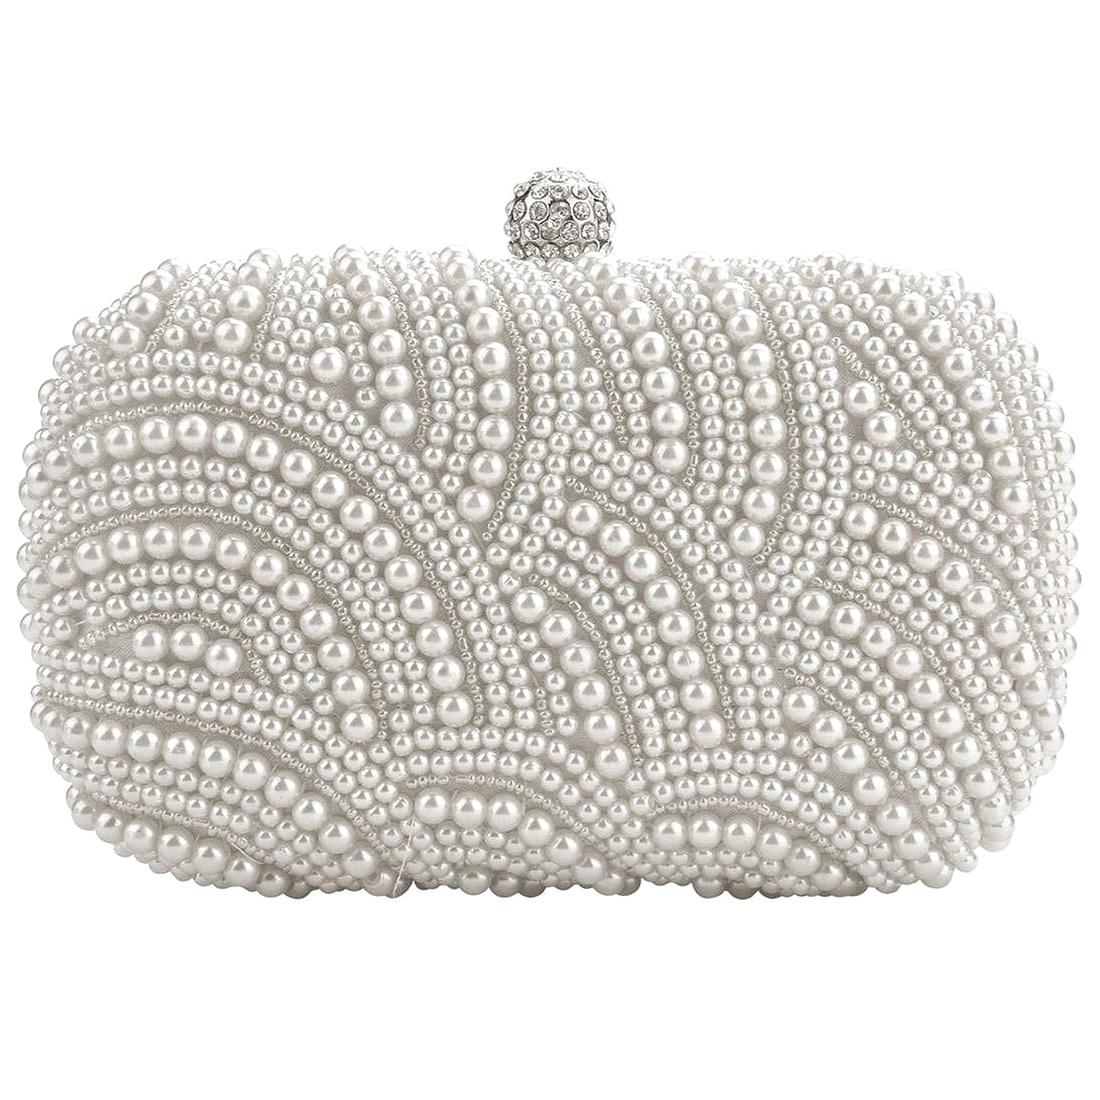 Wholesale10pcs * модный клатч бисером партия свадебная сумочка Свадебная вечерняя сумочка